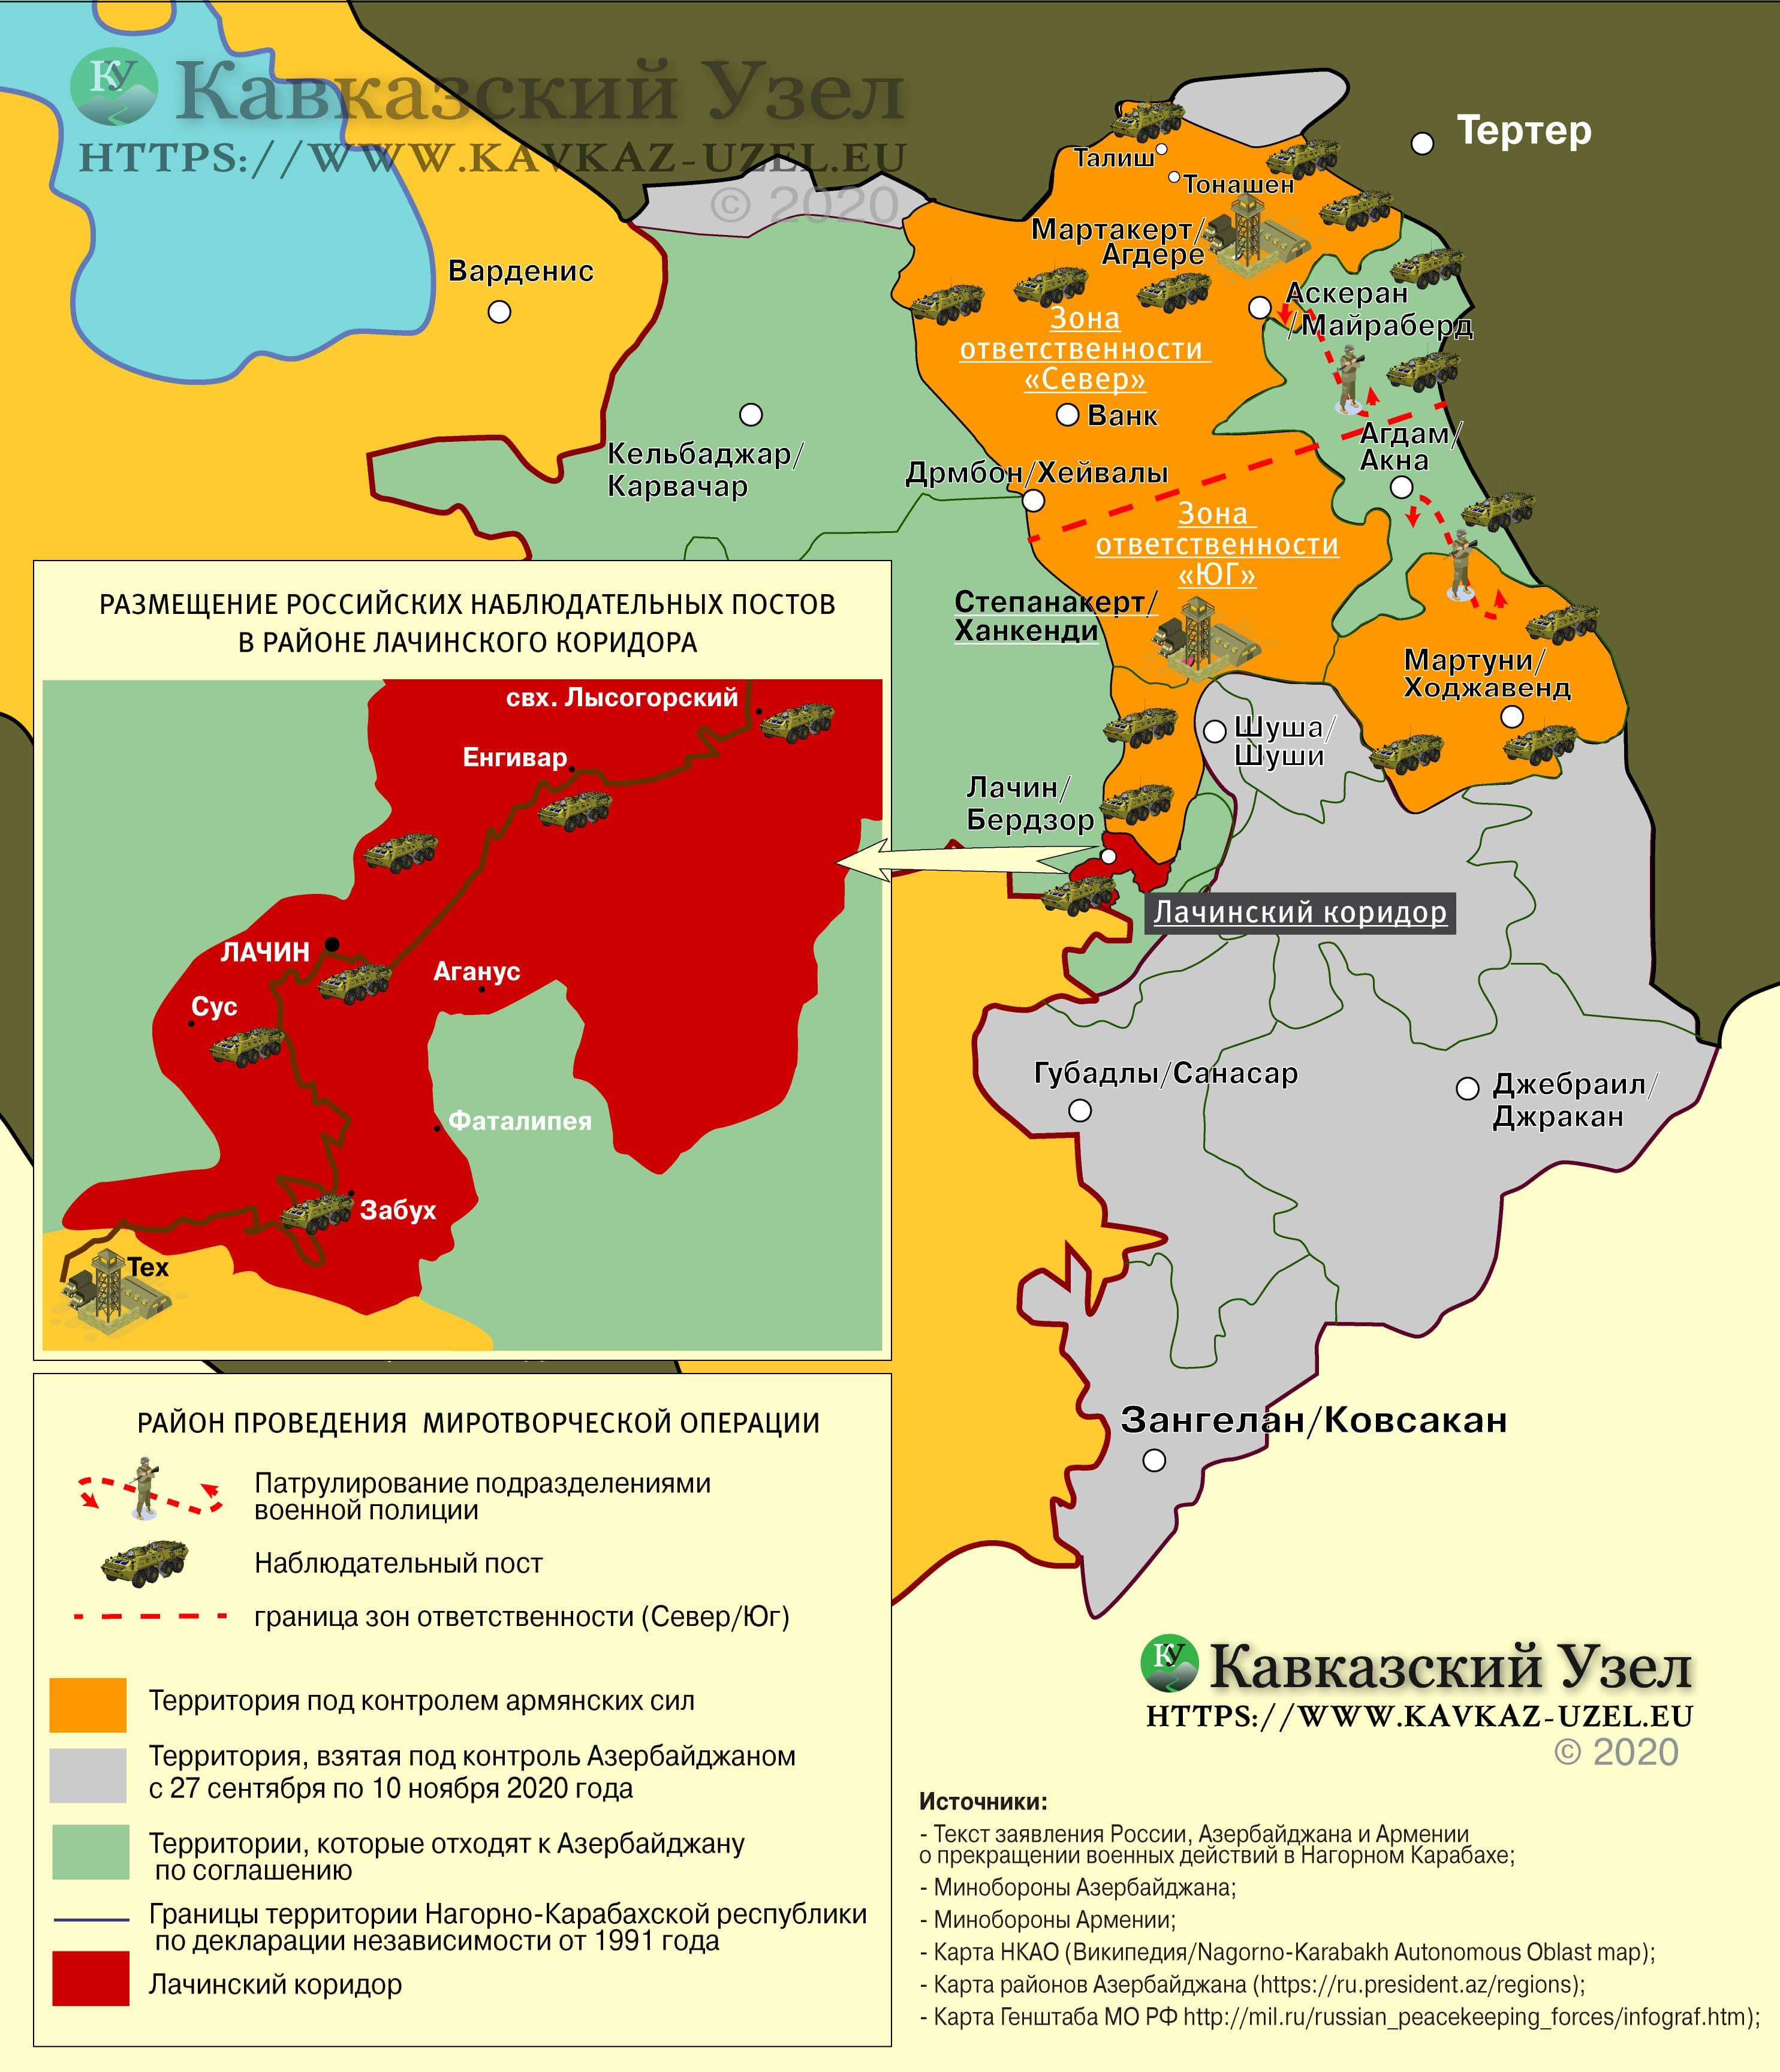 """Карта размещения военных из России. Инфографика """"Кавказского узла""""."""